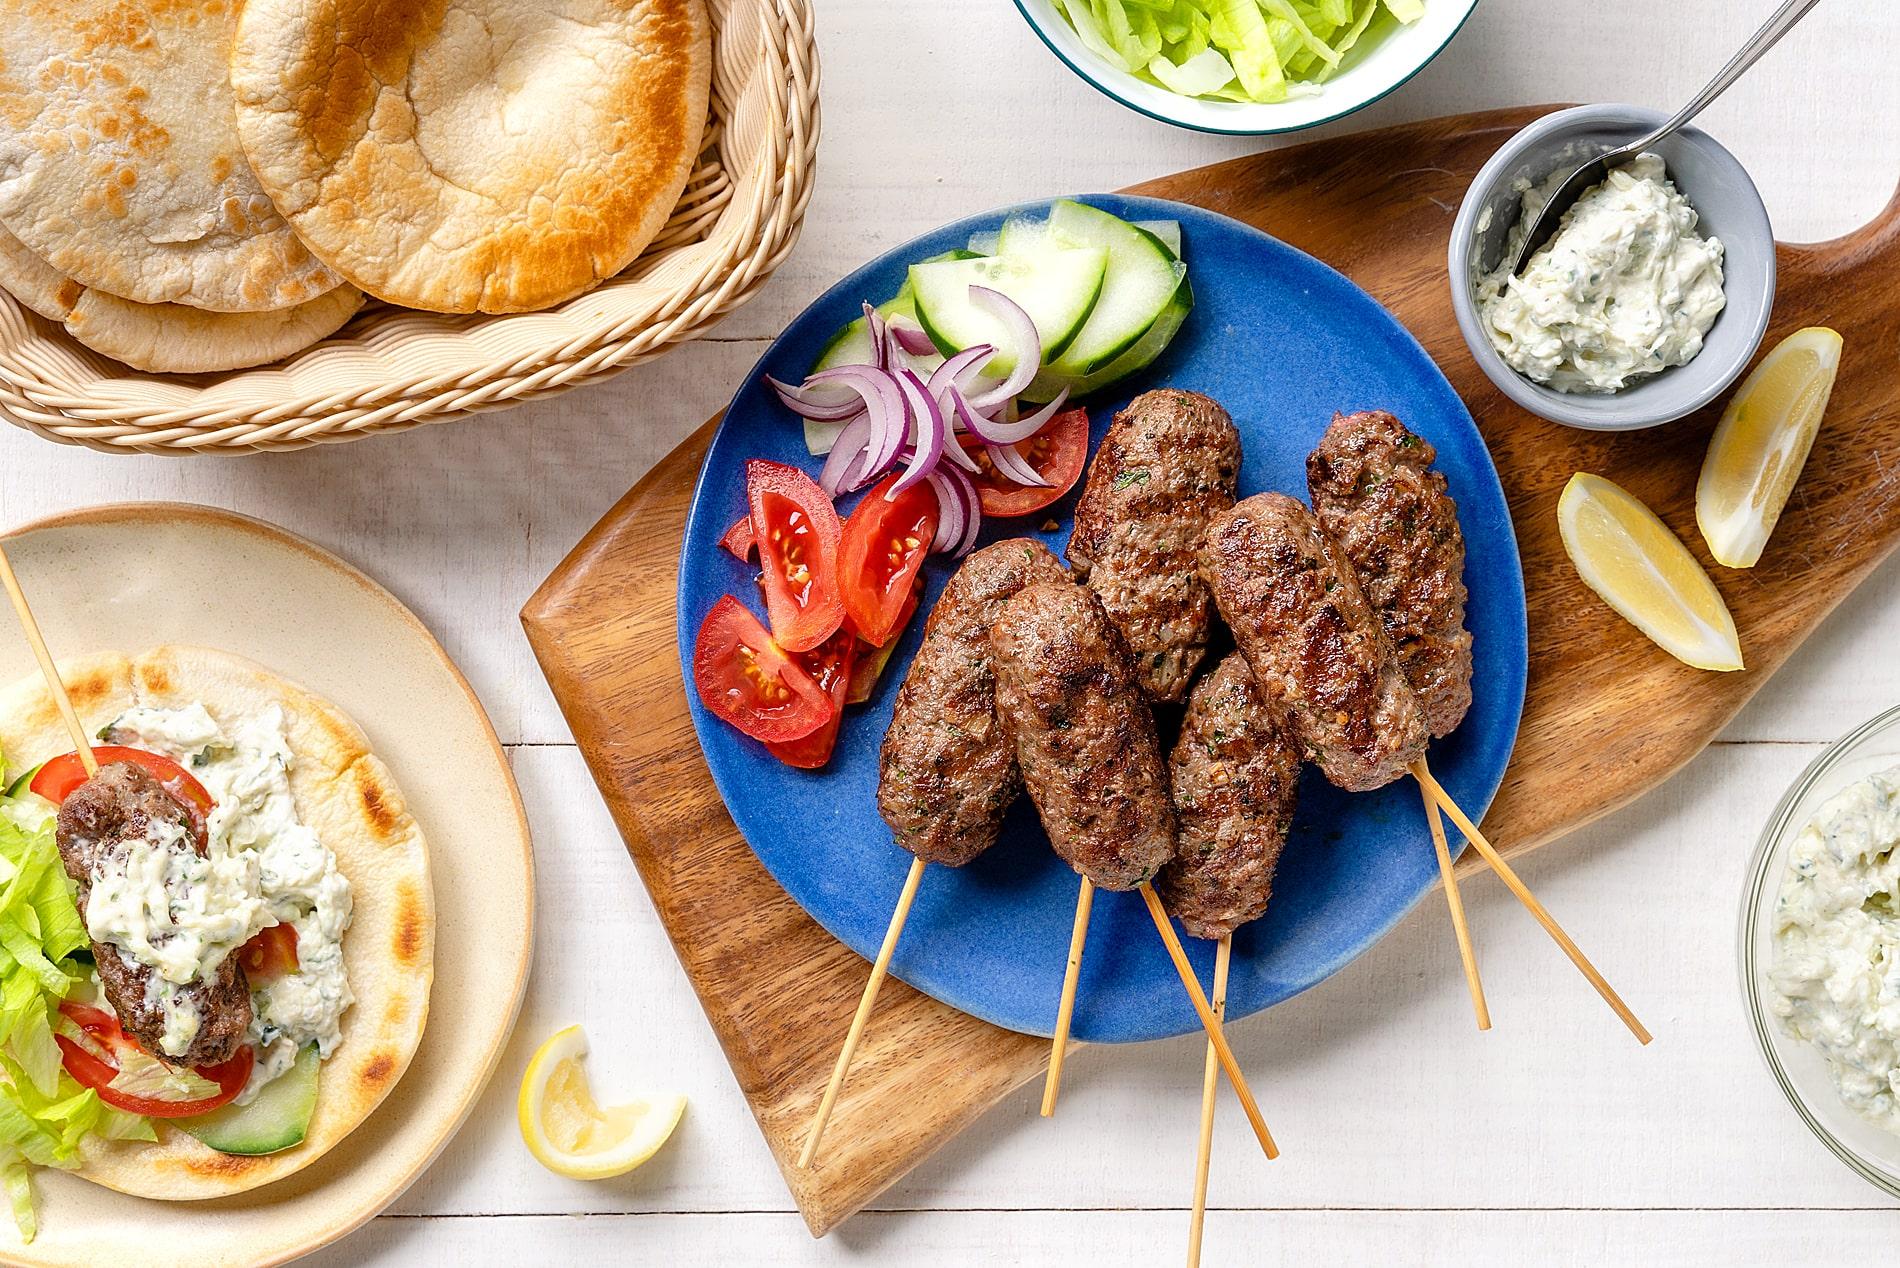 Beef Kofta With Creamy Tzatziki